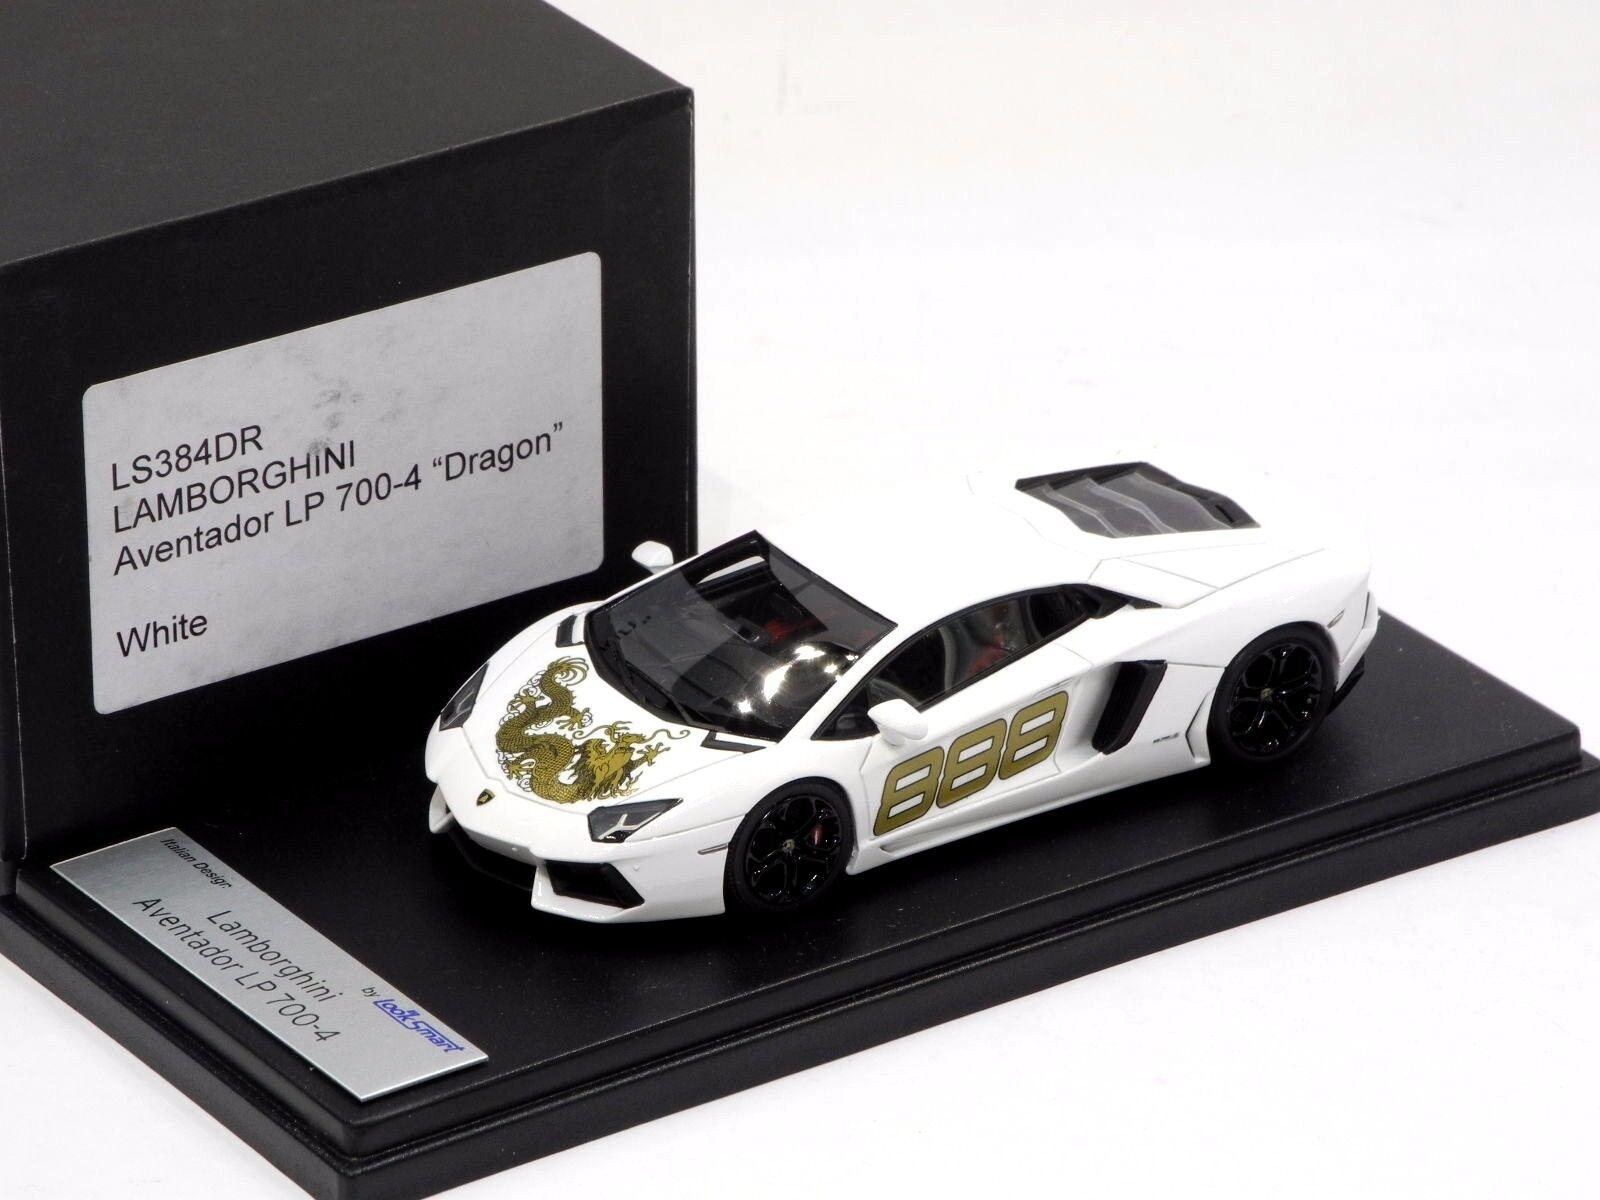 respuestas rápidas Lamborghini Aventador LP700-4 Dragon blancoo LookSmart Modelo 1 43 43 43  LS384DR  Con 100% de calidad y servicio de% 100.